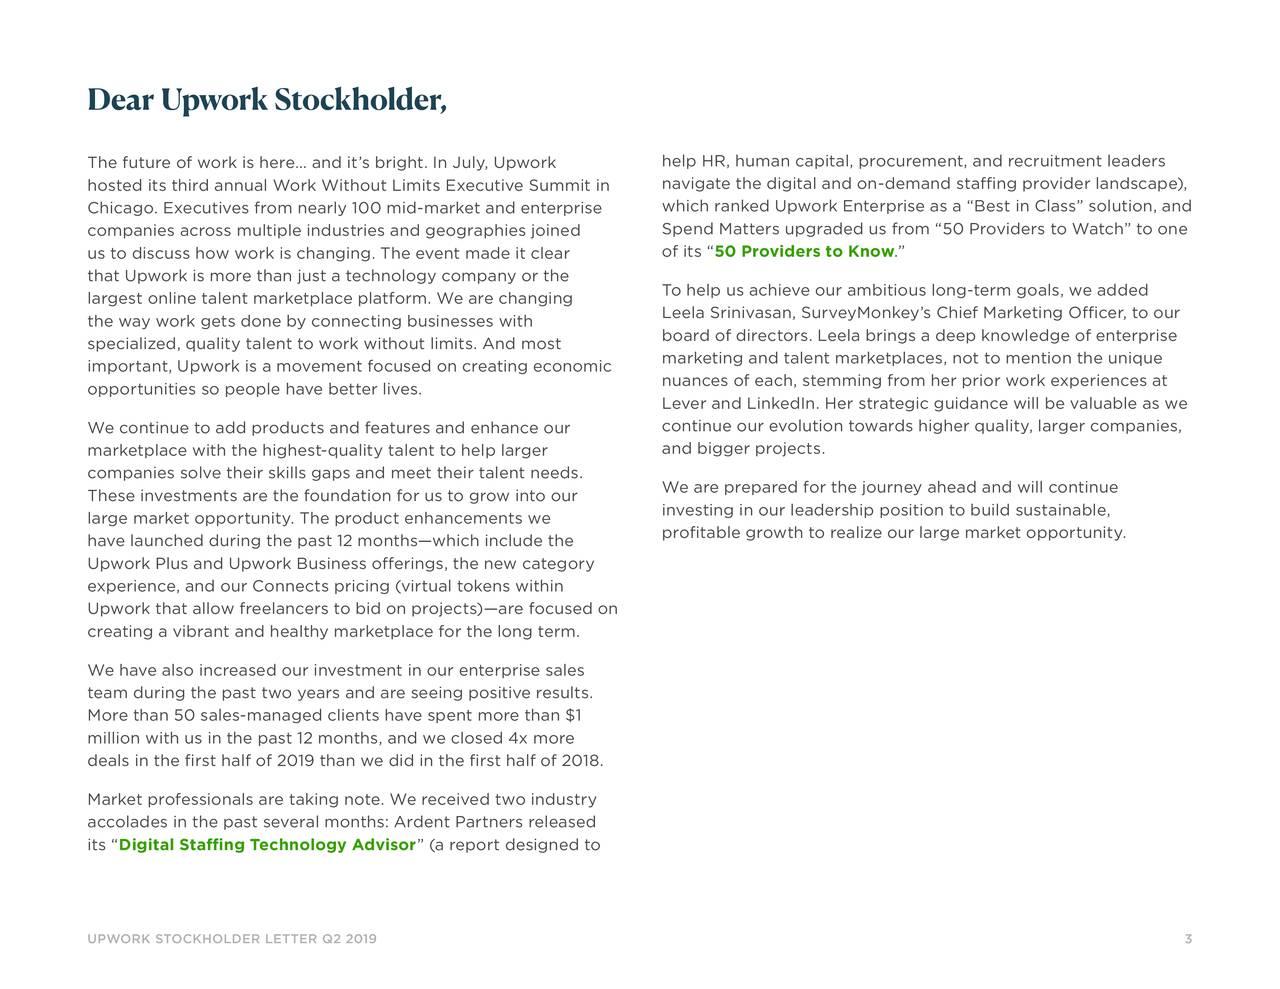 Dear Upwork Stockholder,